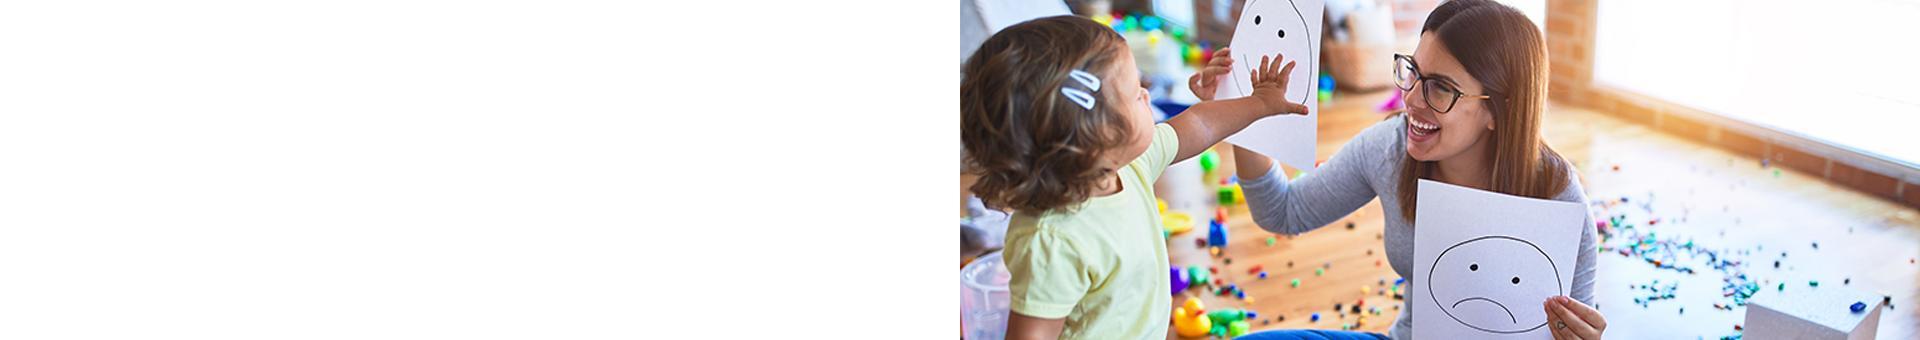 Camille met les émotions de vos enfants en couleurs